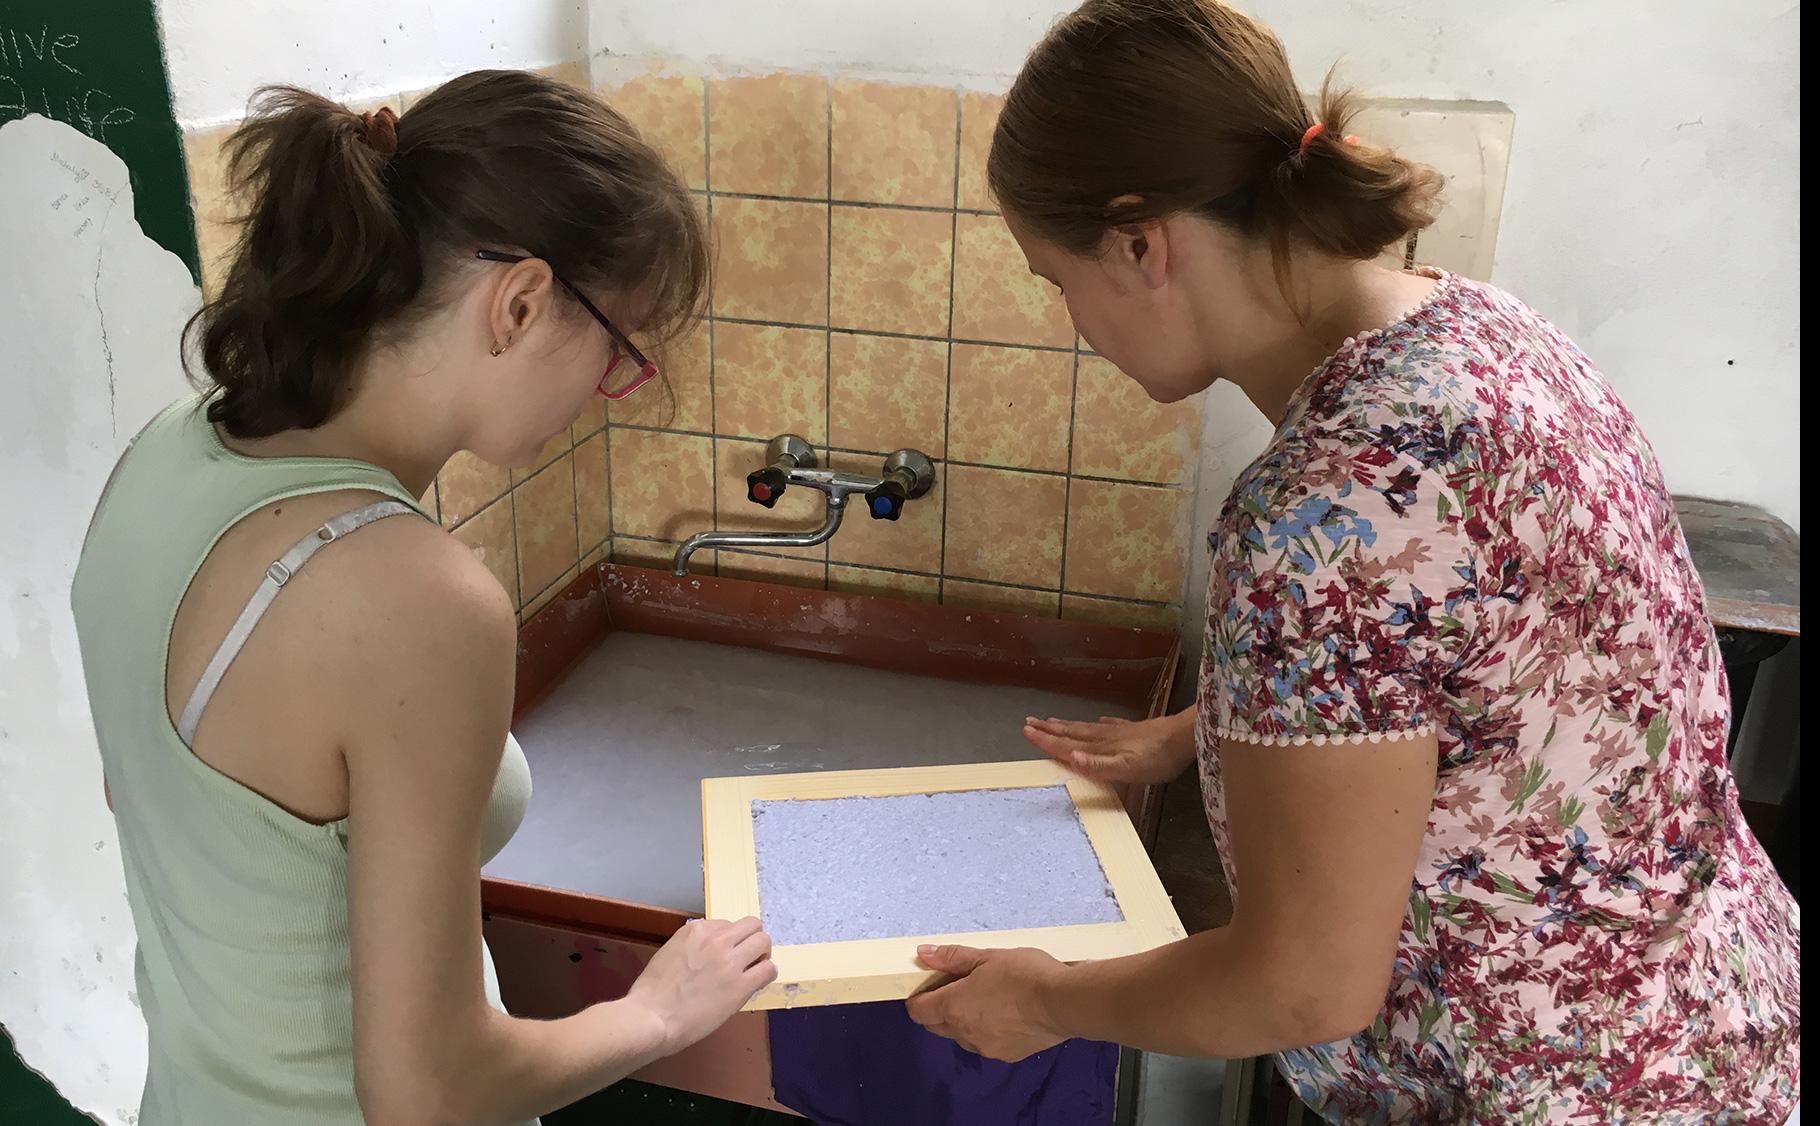 3df0ff520 Tento nápad výroby ručného papiera sa stretol zo strany žiakov s veľkým  ohlasom a preto sme odhodlaní v ňom pokračovať a prípadne ho rozšíriť.